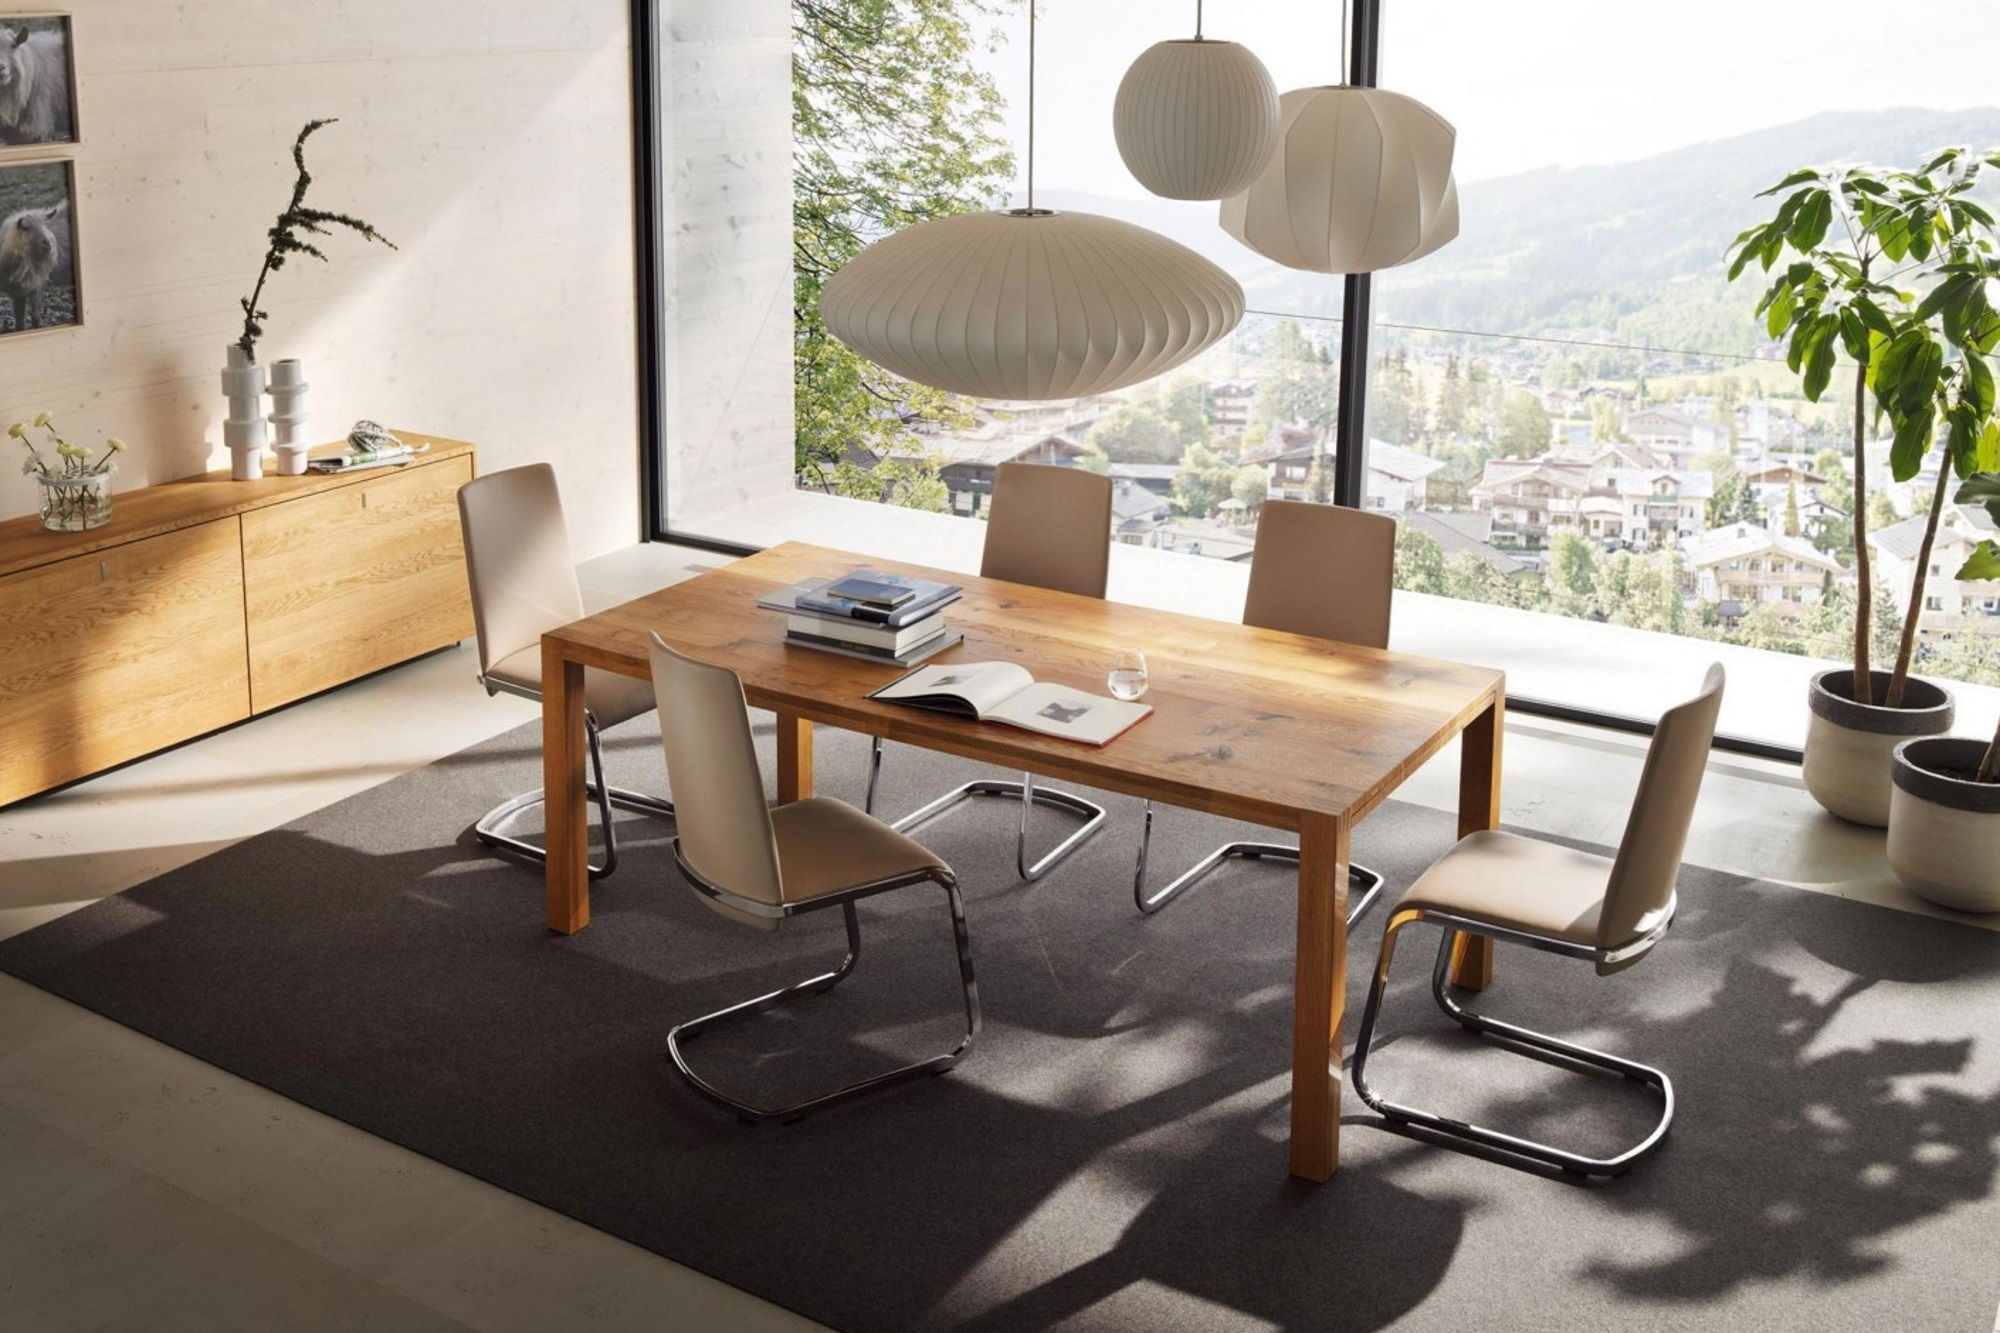 loft tisch table manger loft unique esstisch gro mt esstisch europischen marmor tisch reine hd. Black Bedroom Furniture Sets. Home Design Ideas